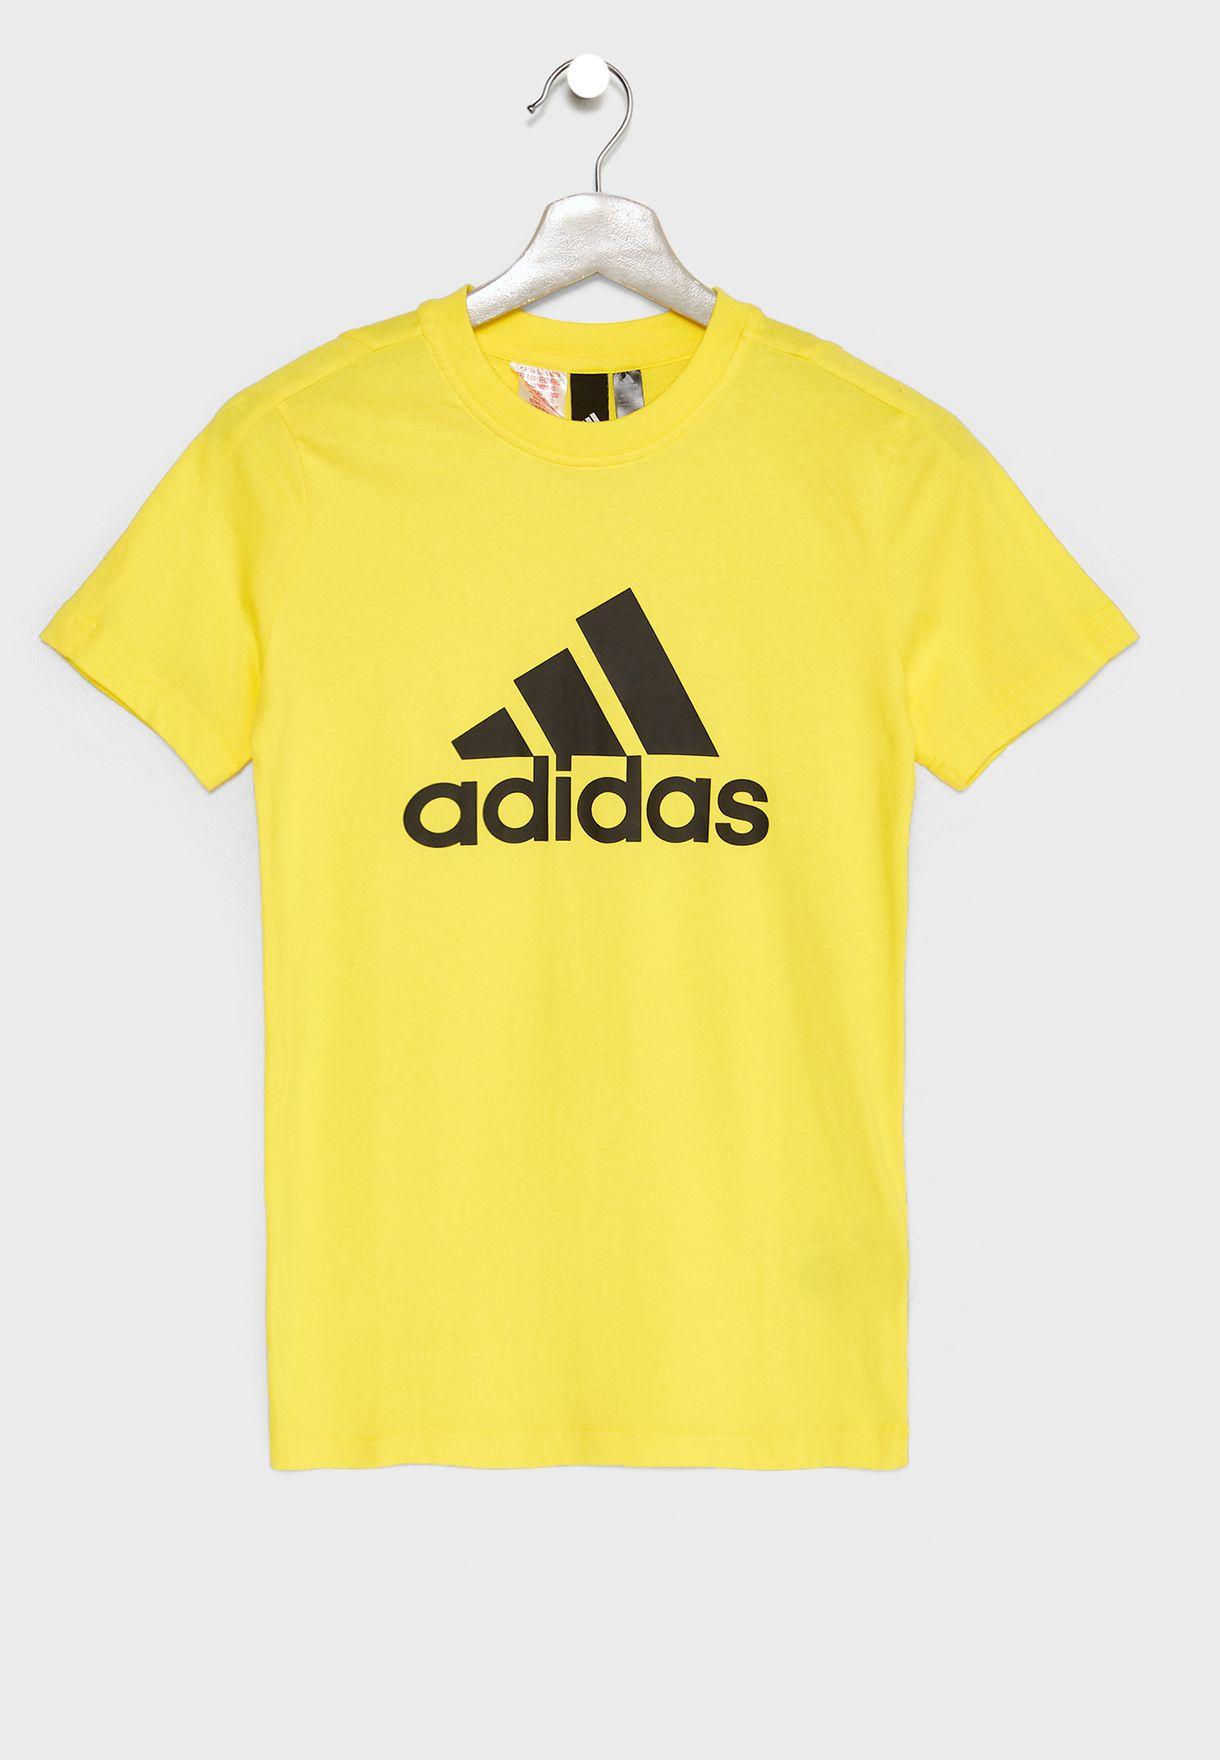 96791e274850 Shop adidas yellow Youth Logo T-Shirt DJ1777 for Kids in Saudi ...